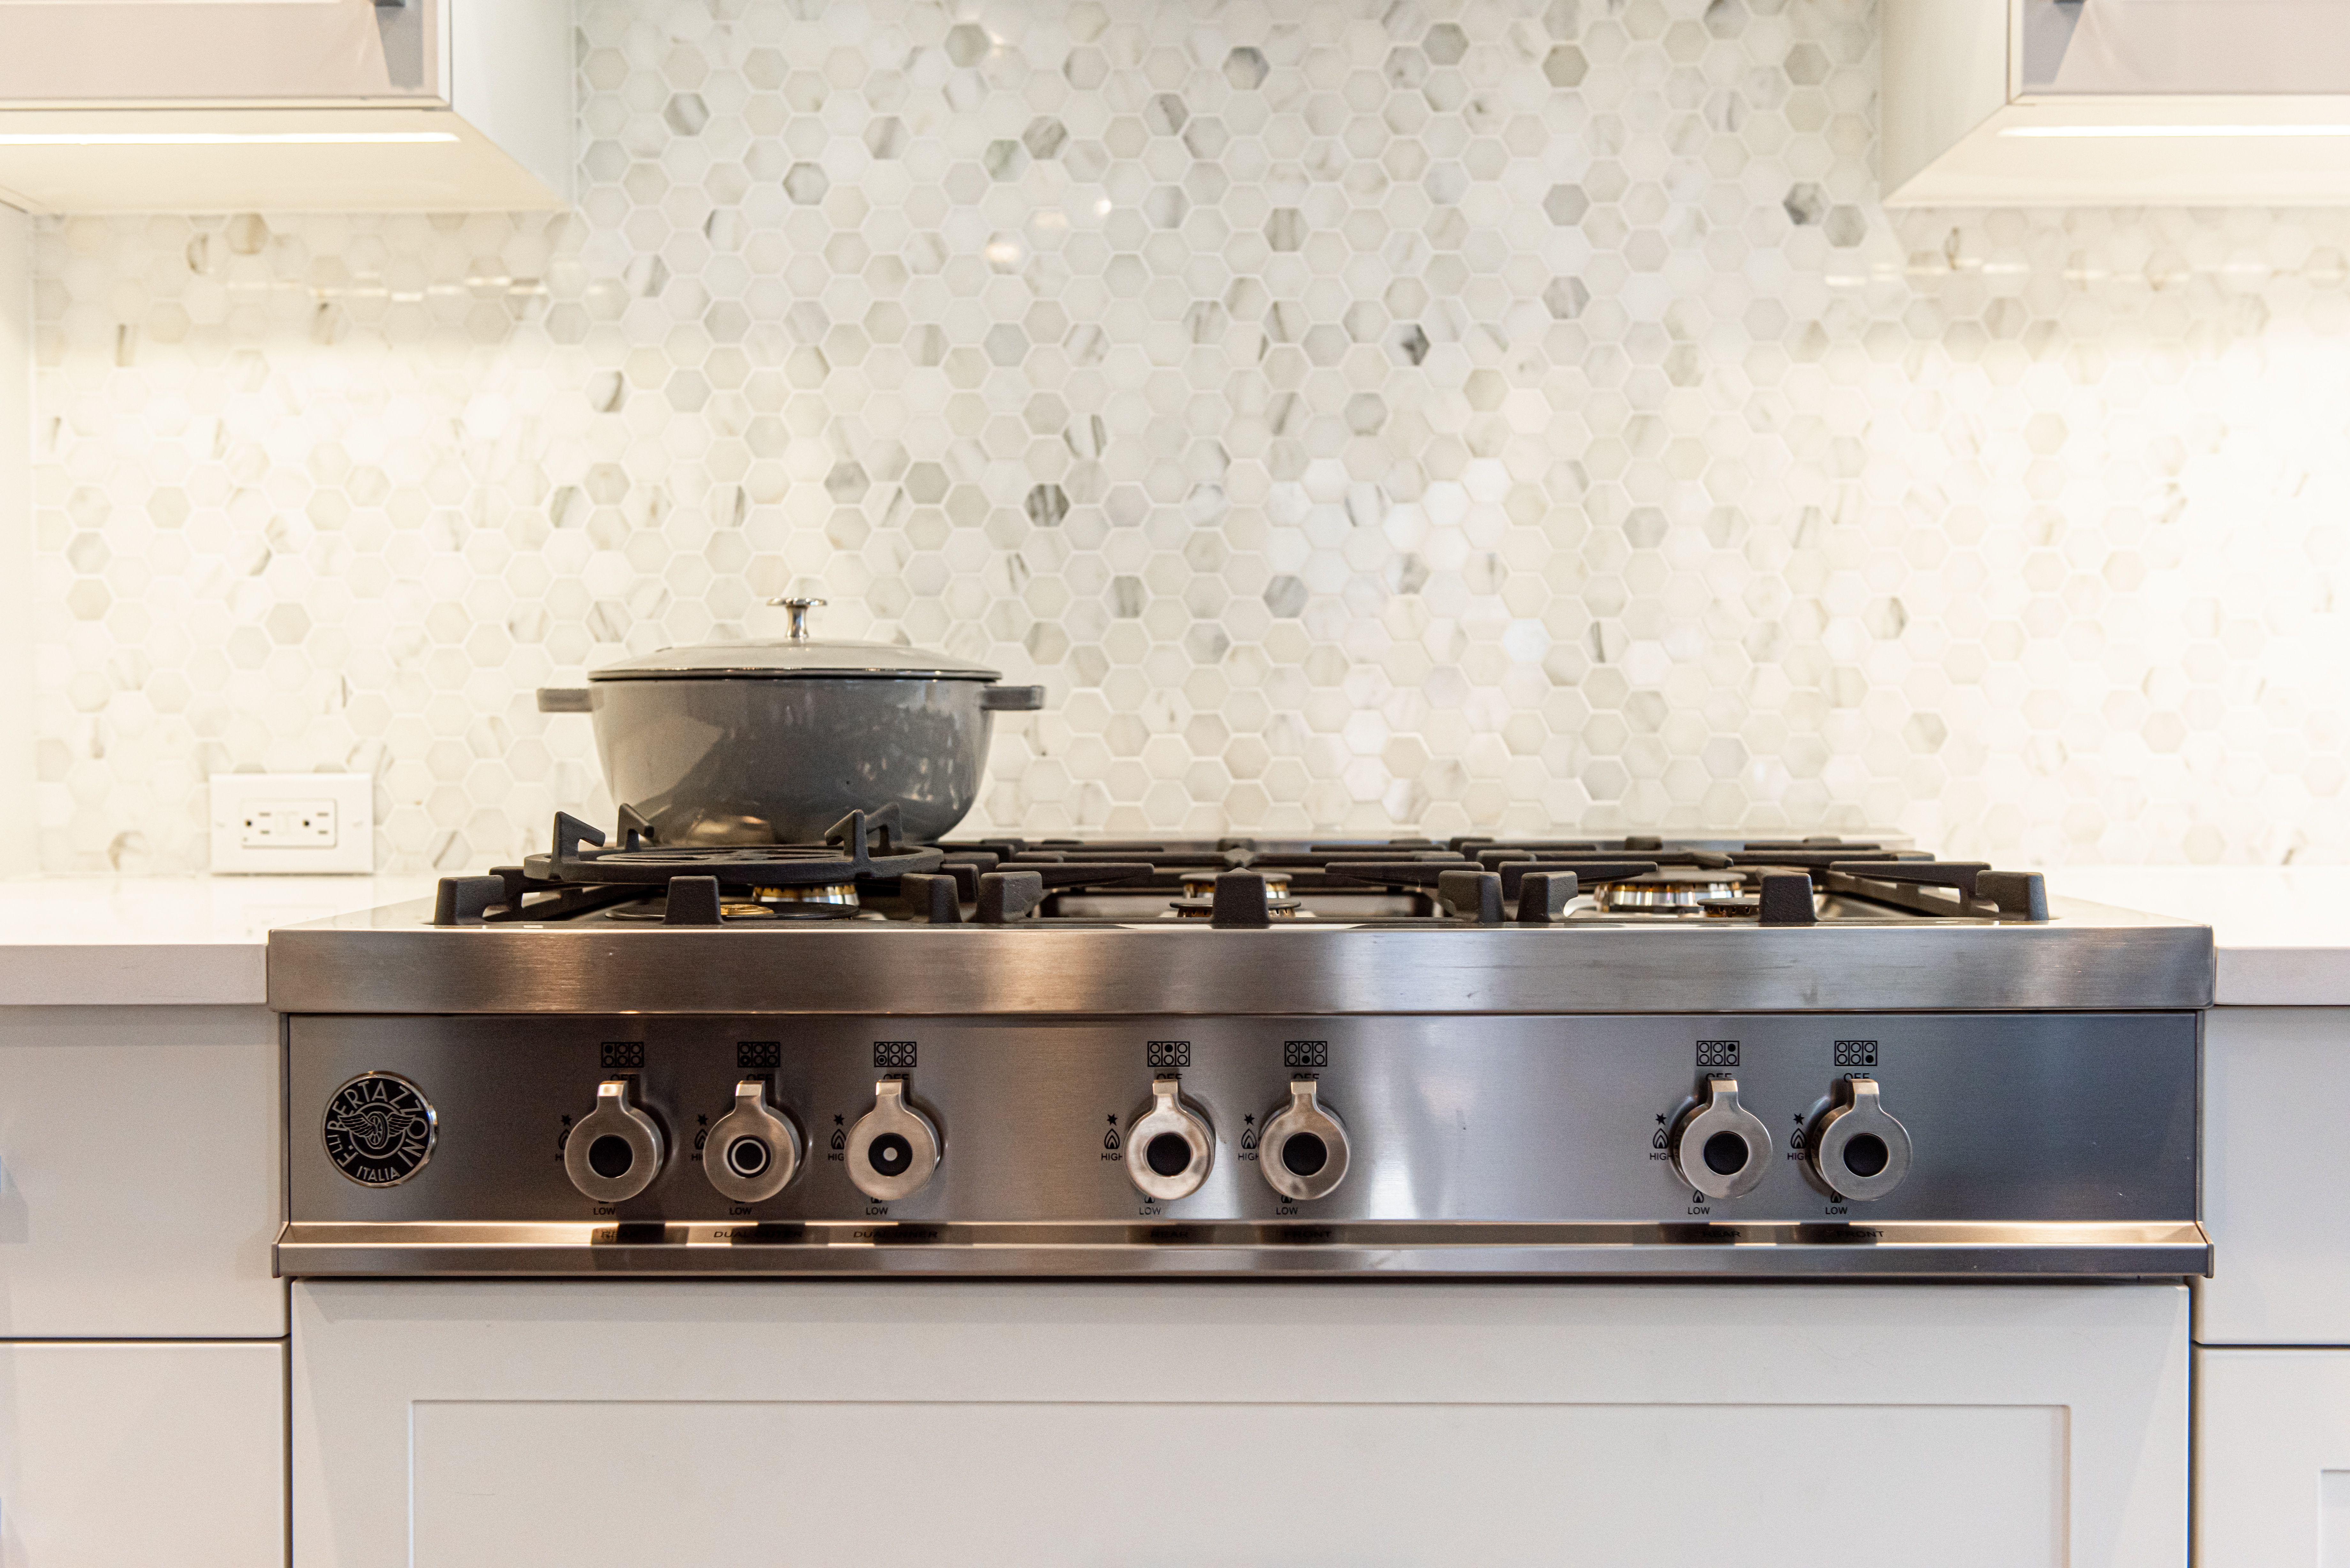 36 Rangetop 6 Burner Worktop Designs Kitchen Display Wooden Worktops